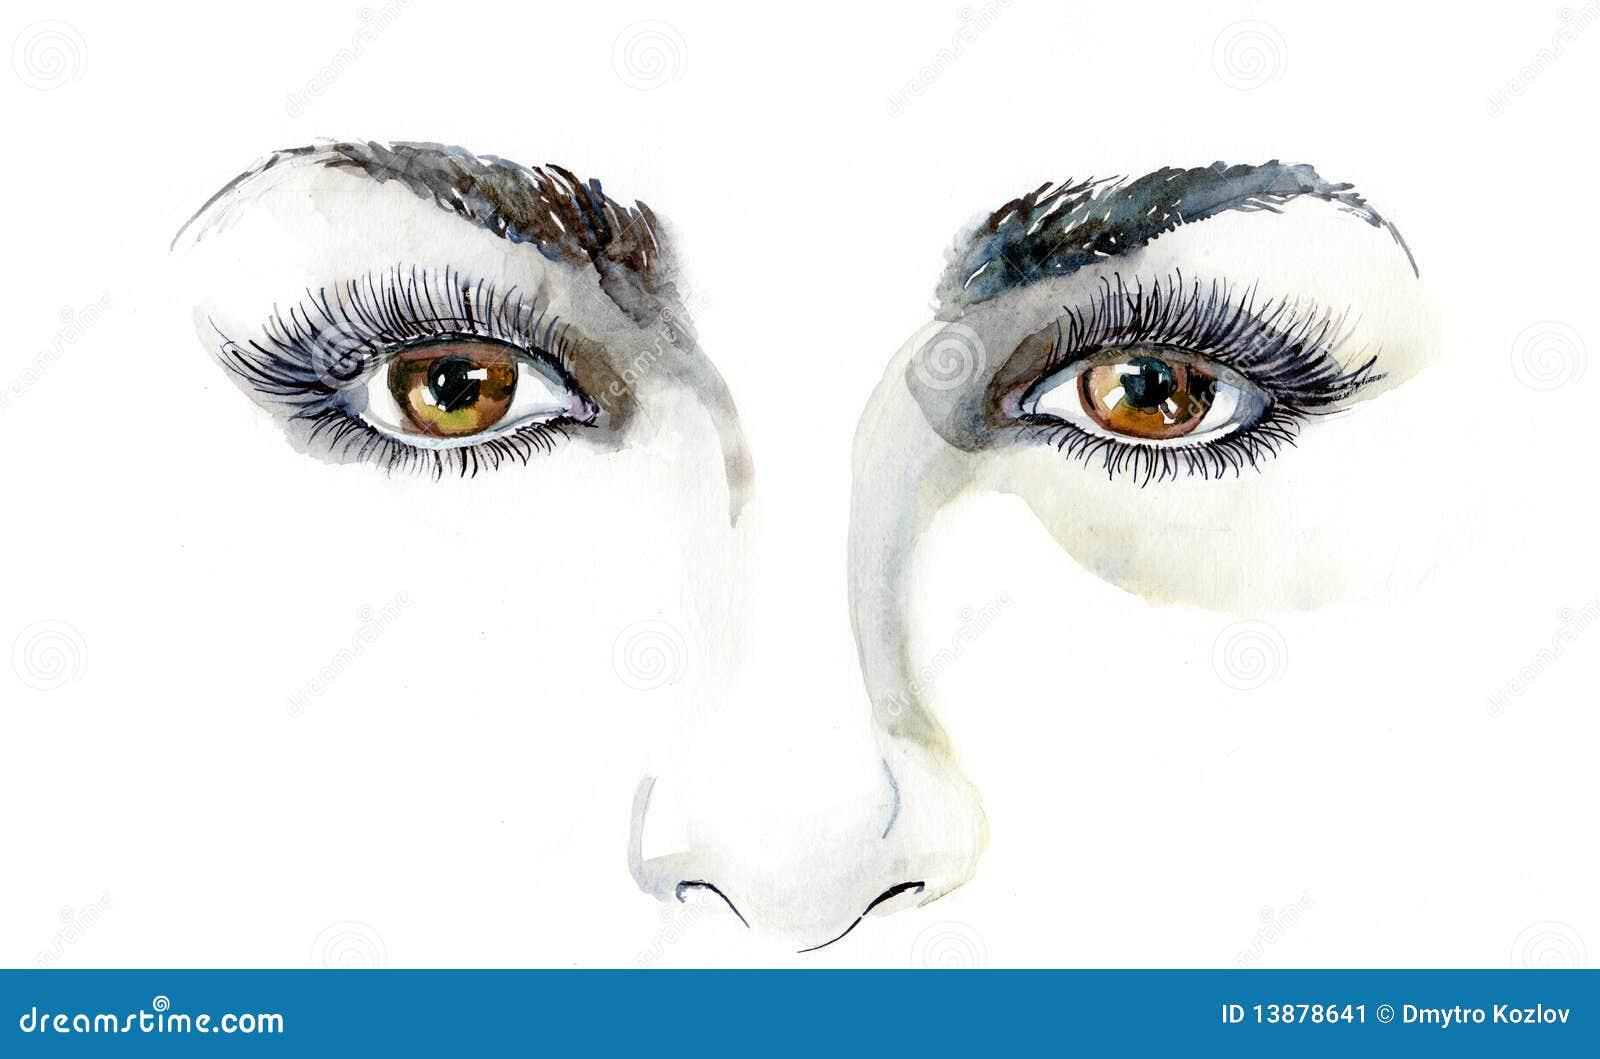 Menschliche Augen stock abbildung. Illustration von konzentrisch ...